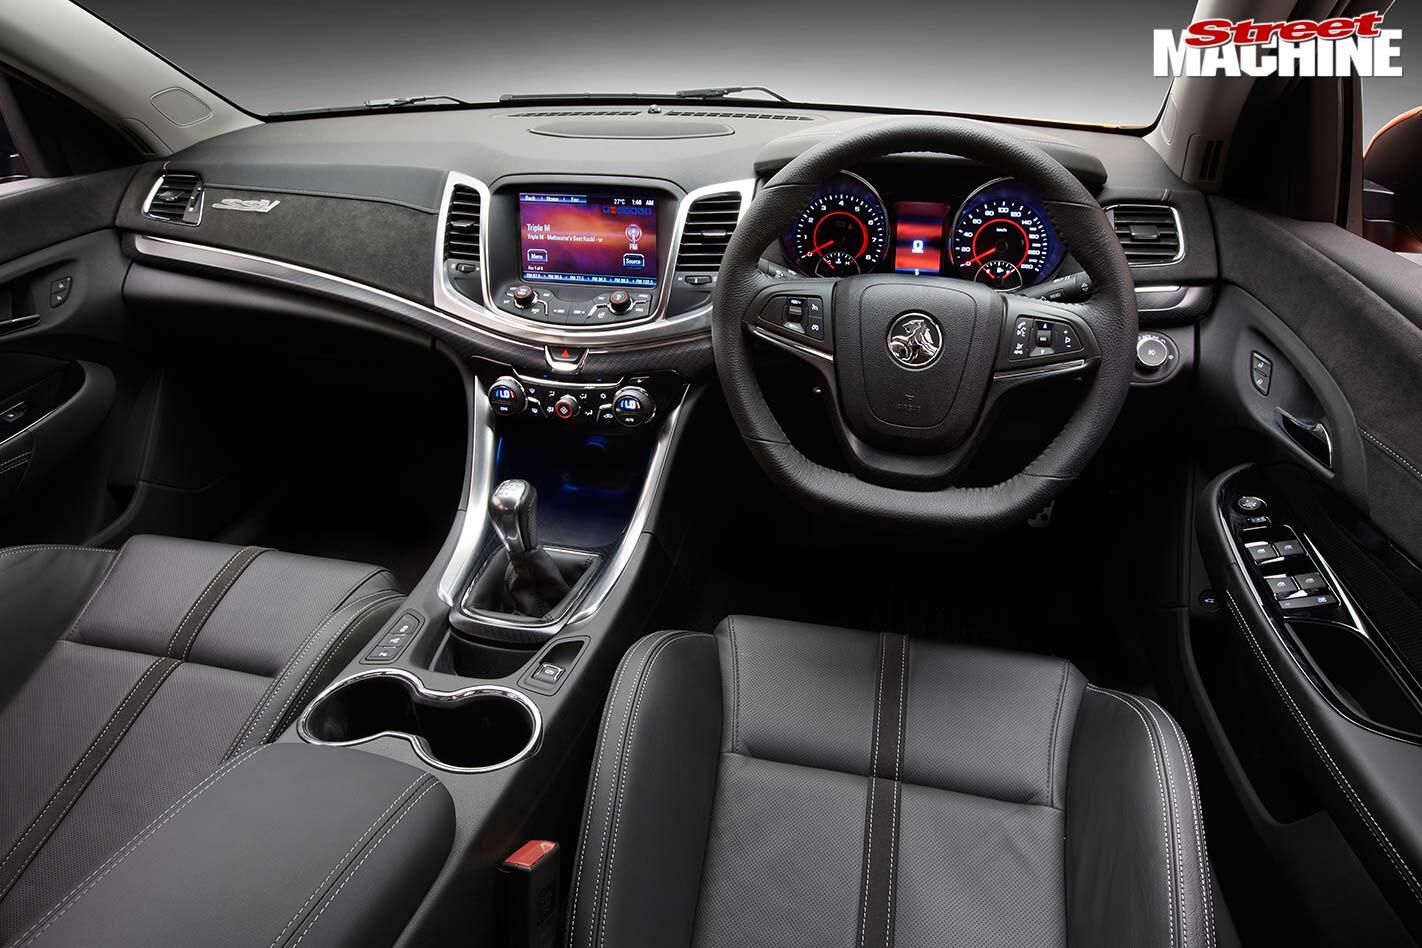 Holden VF Commodore interior